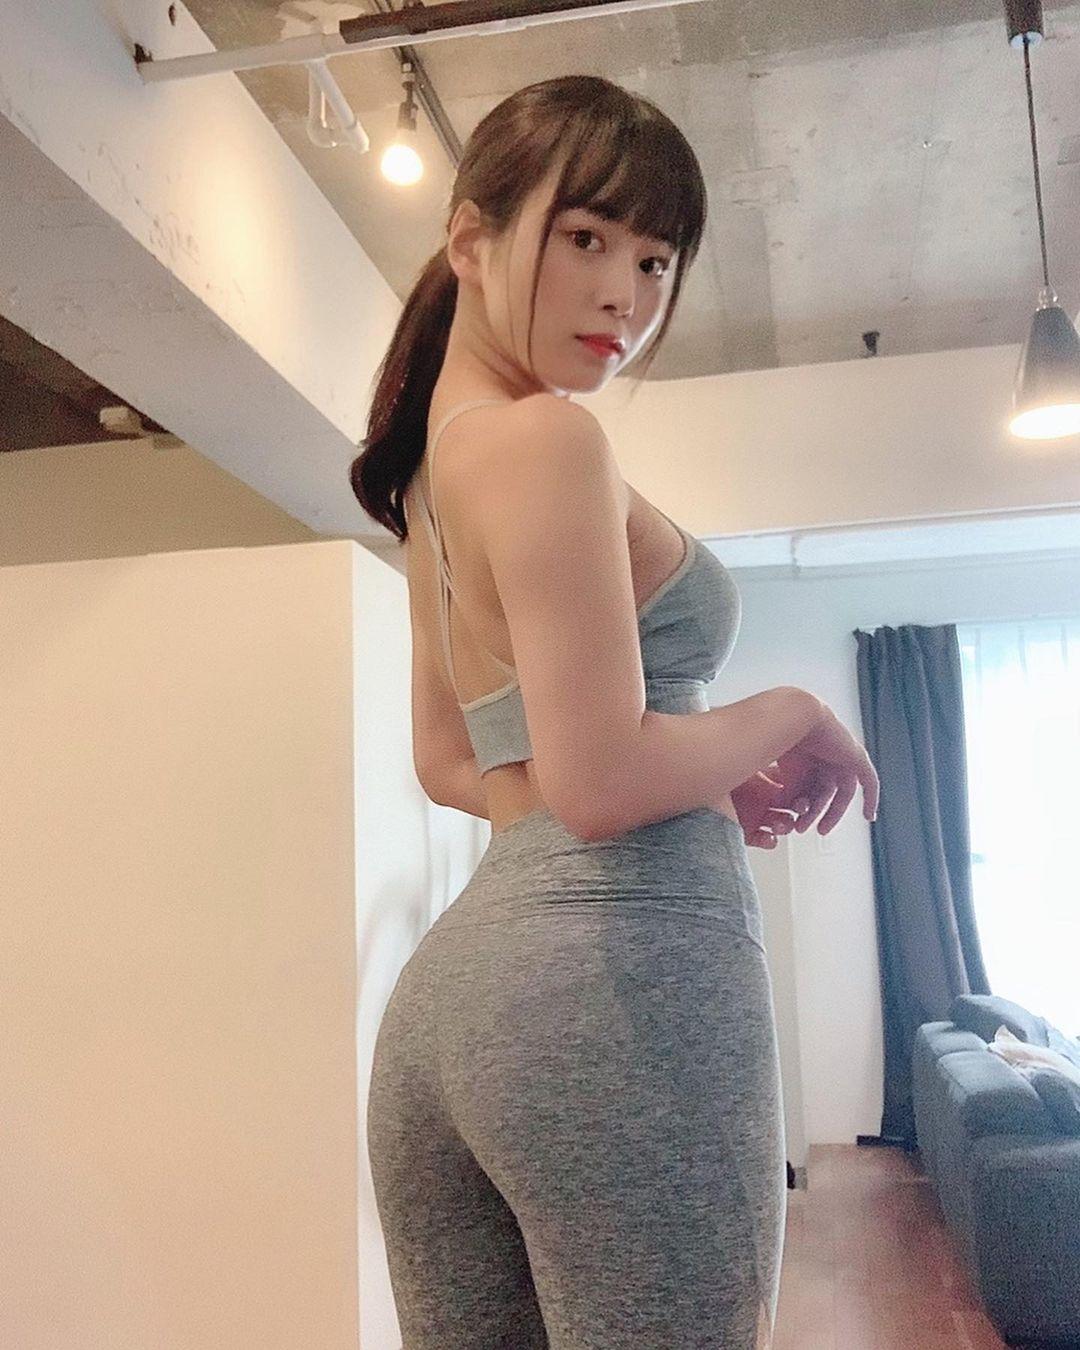 写真妹子@东云うみ(东云海)国宝级写真欣赏 妹子图 热图5